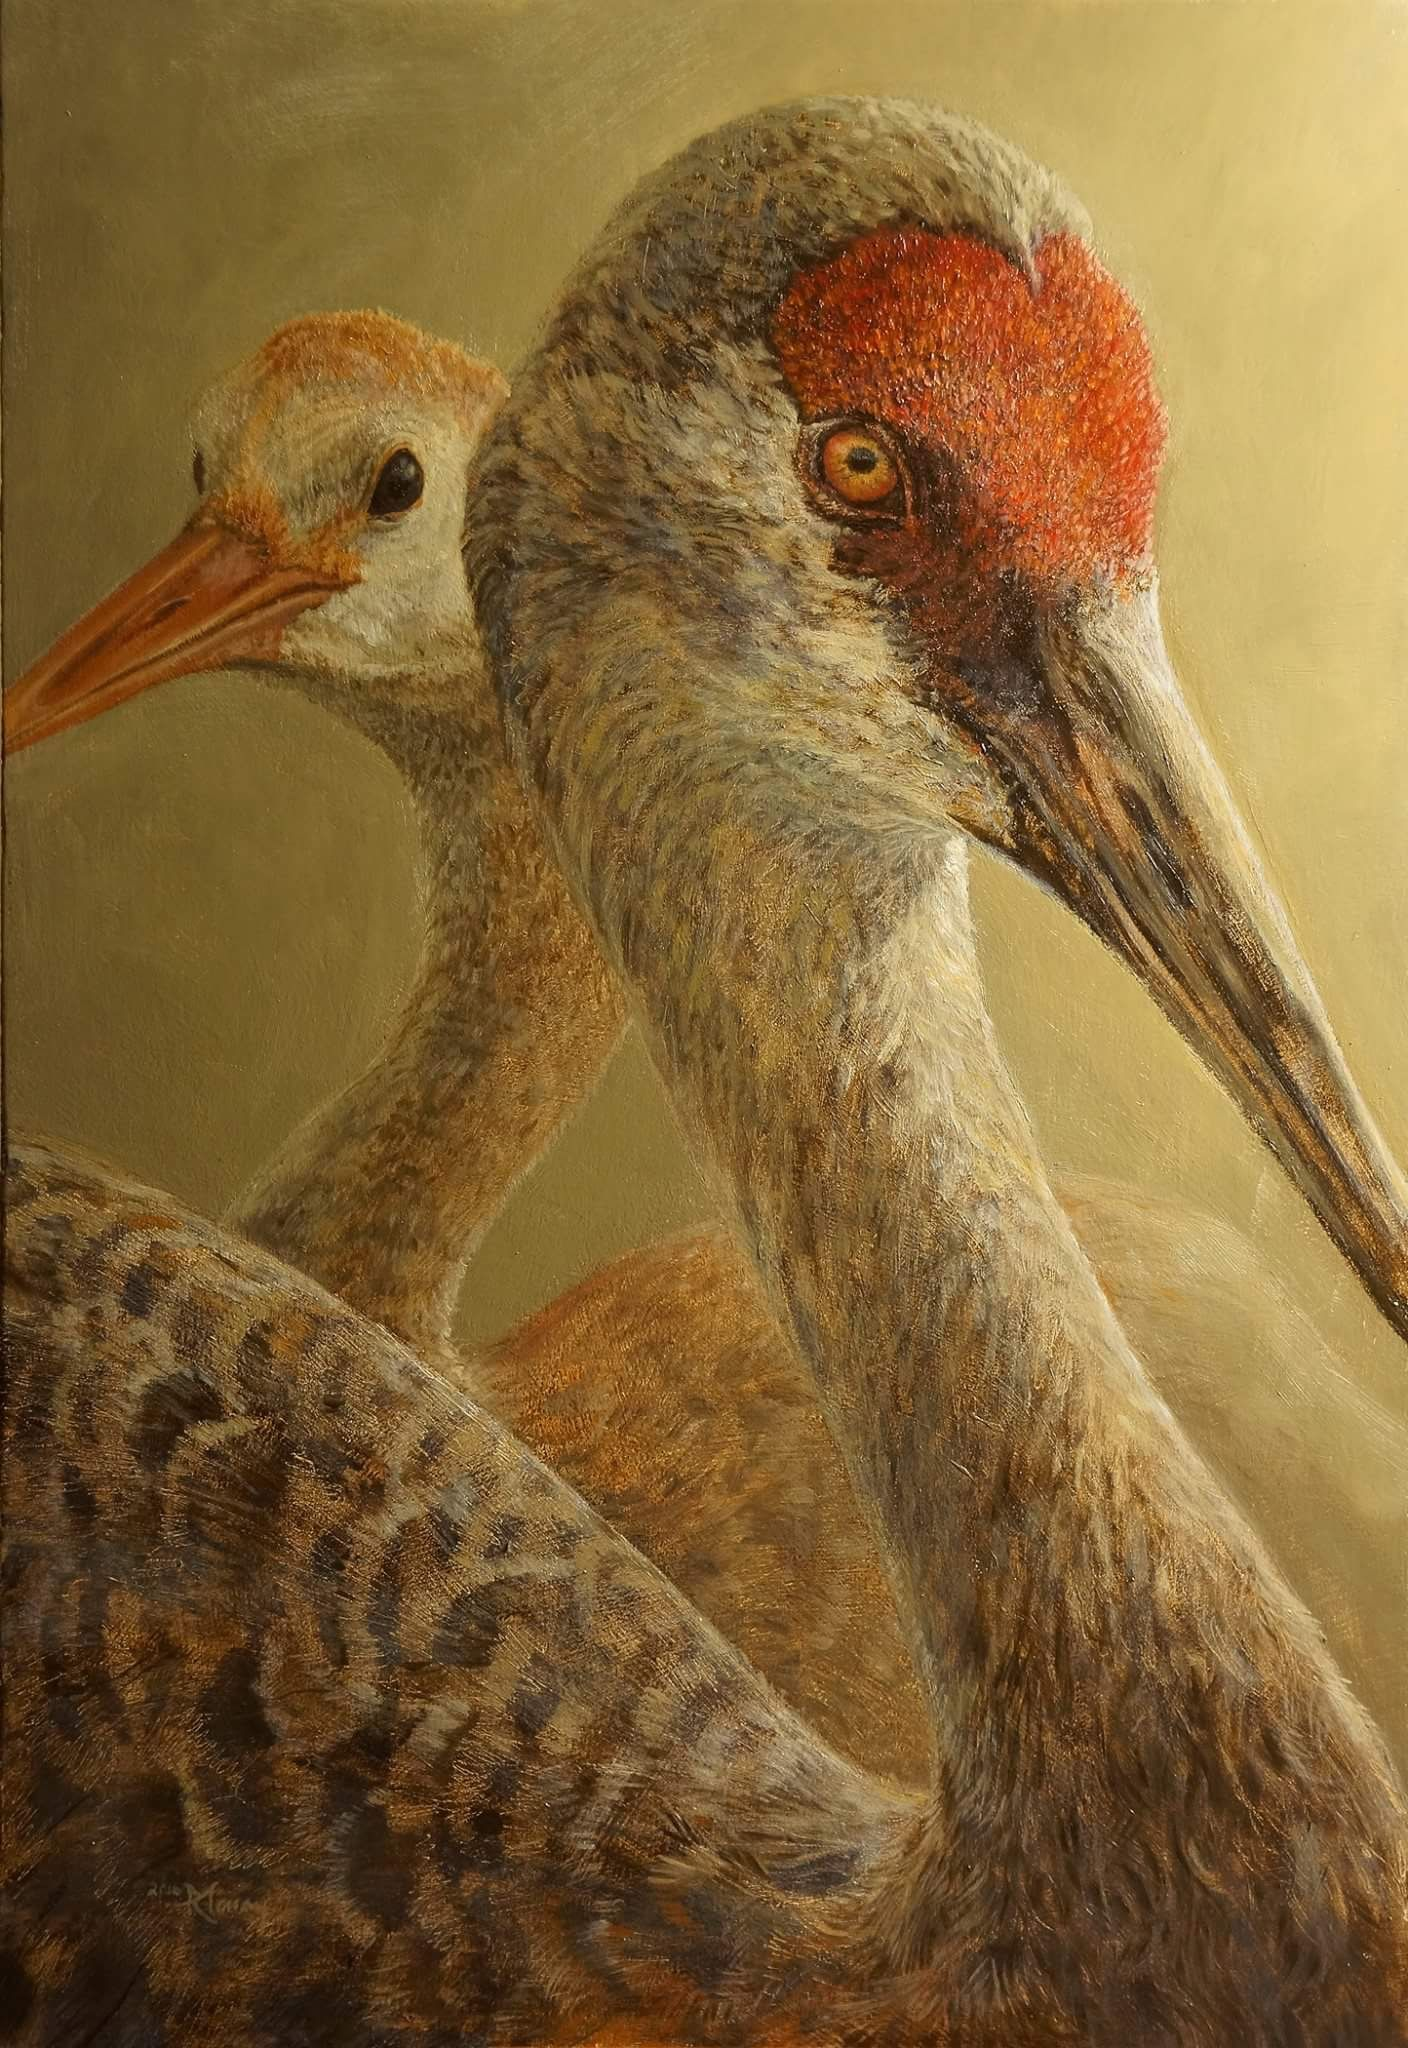 Exquisite crane art